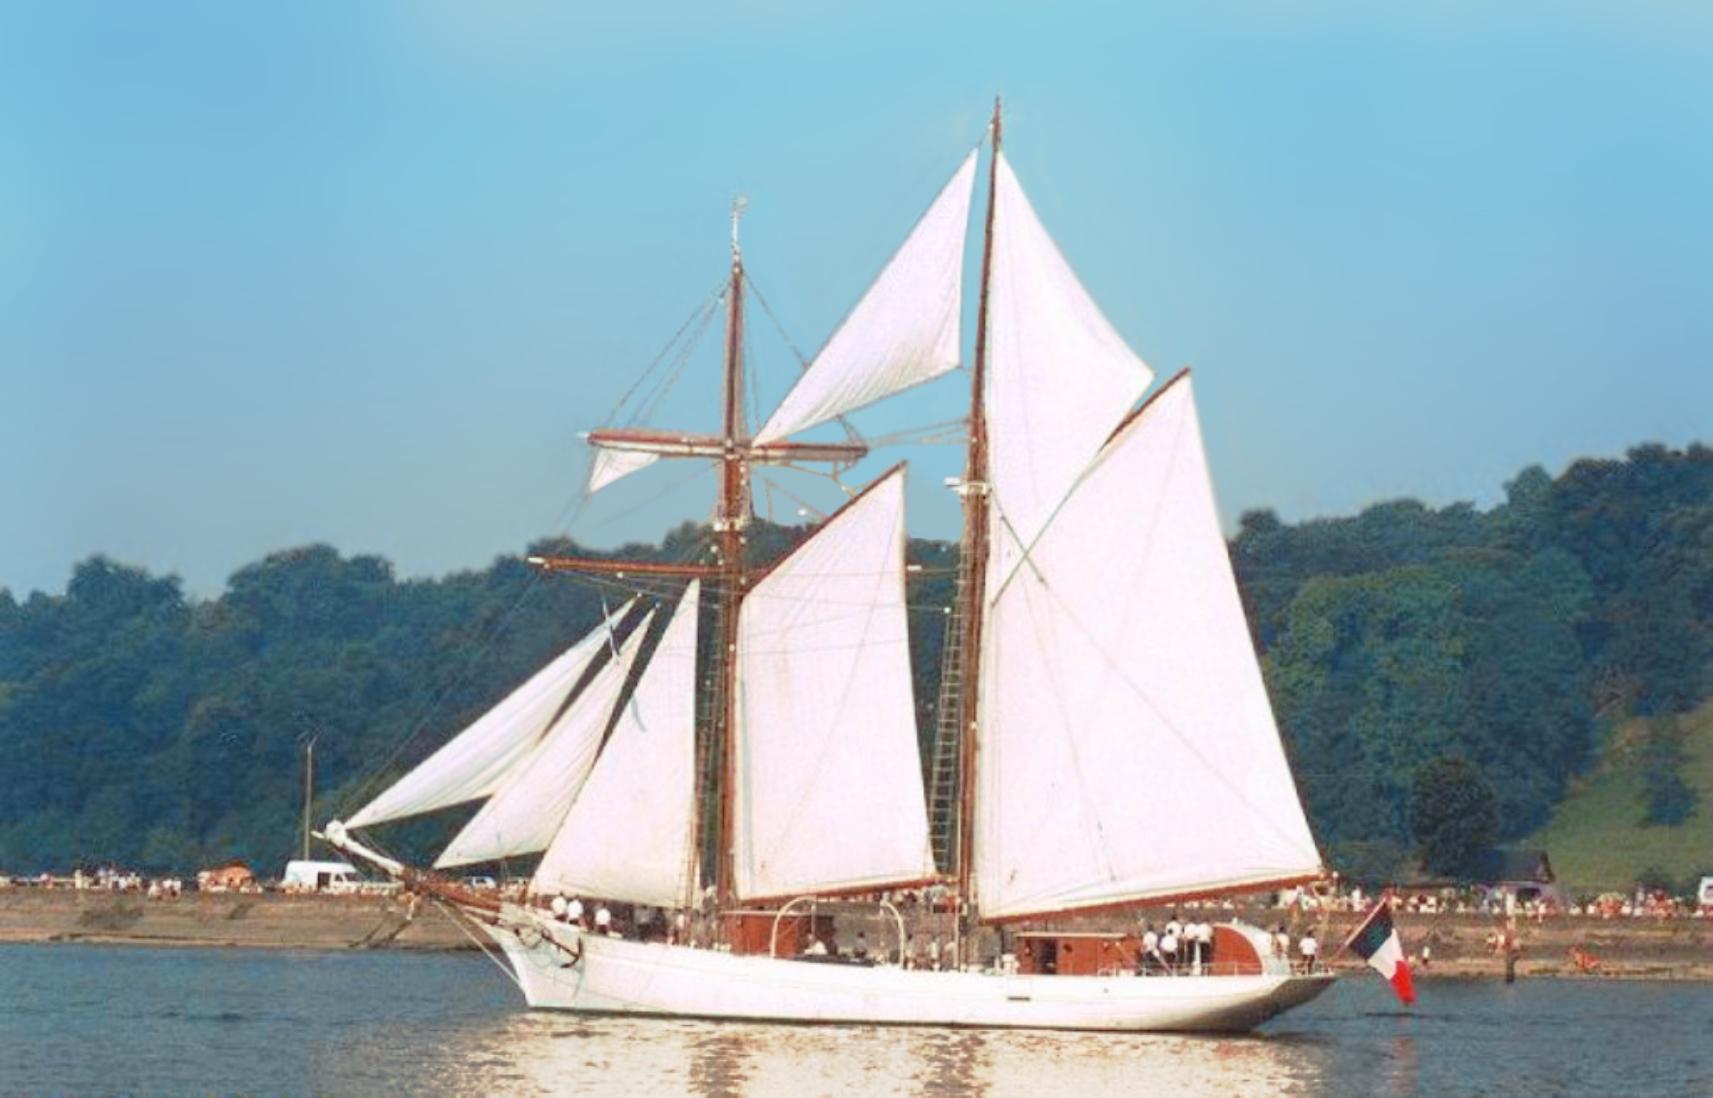 Etoile voilier armada rouen